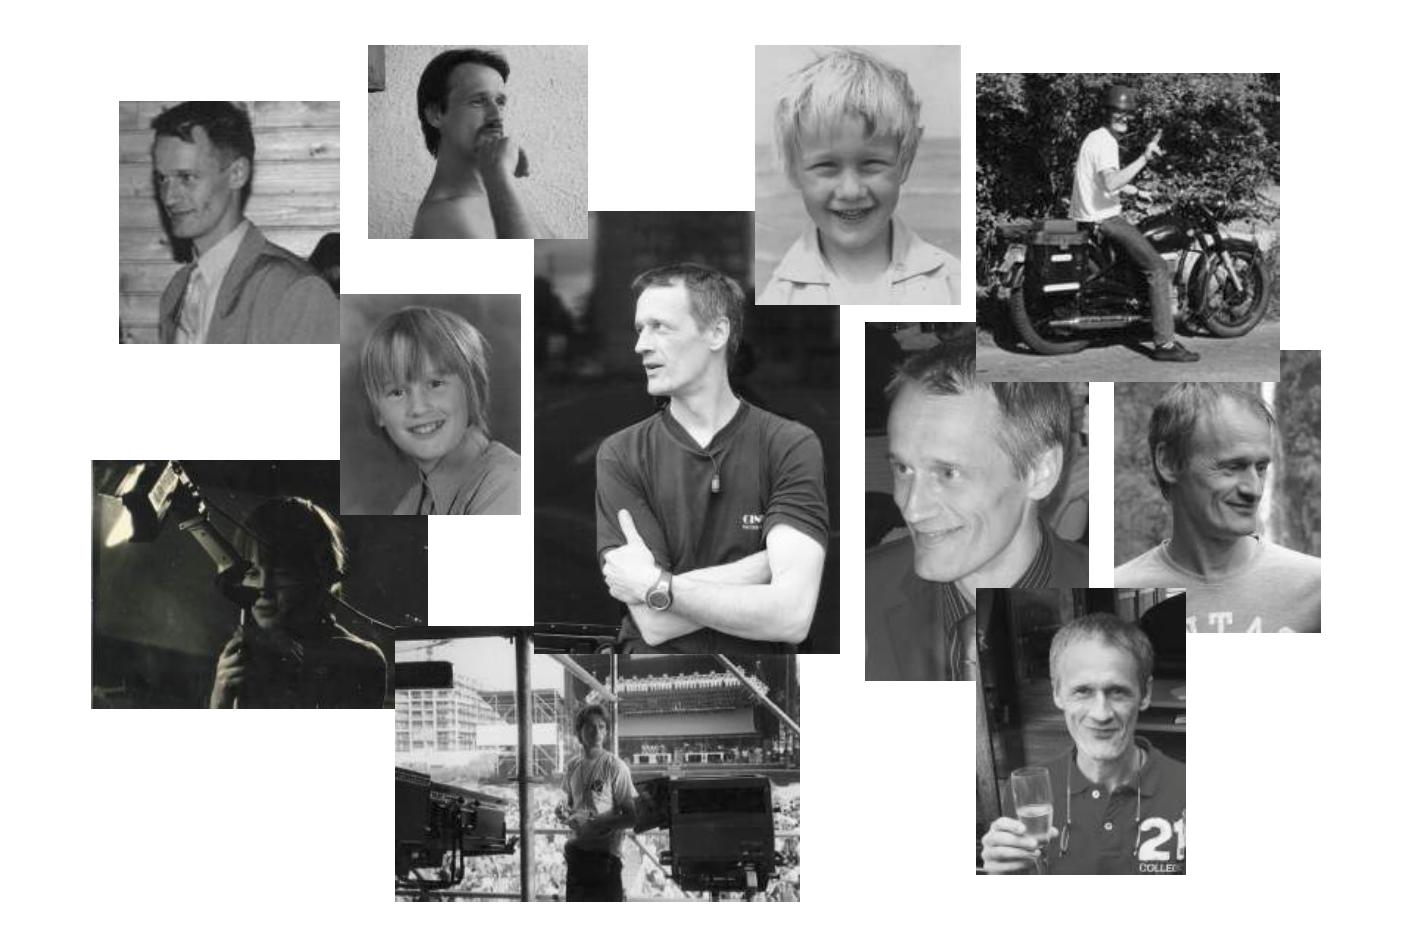 Olivier Godaert 15 avril 1965 – 11 décembre 2015